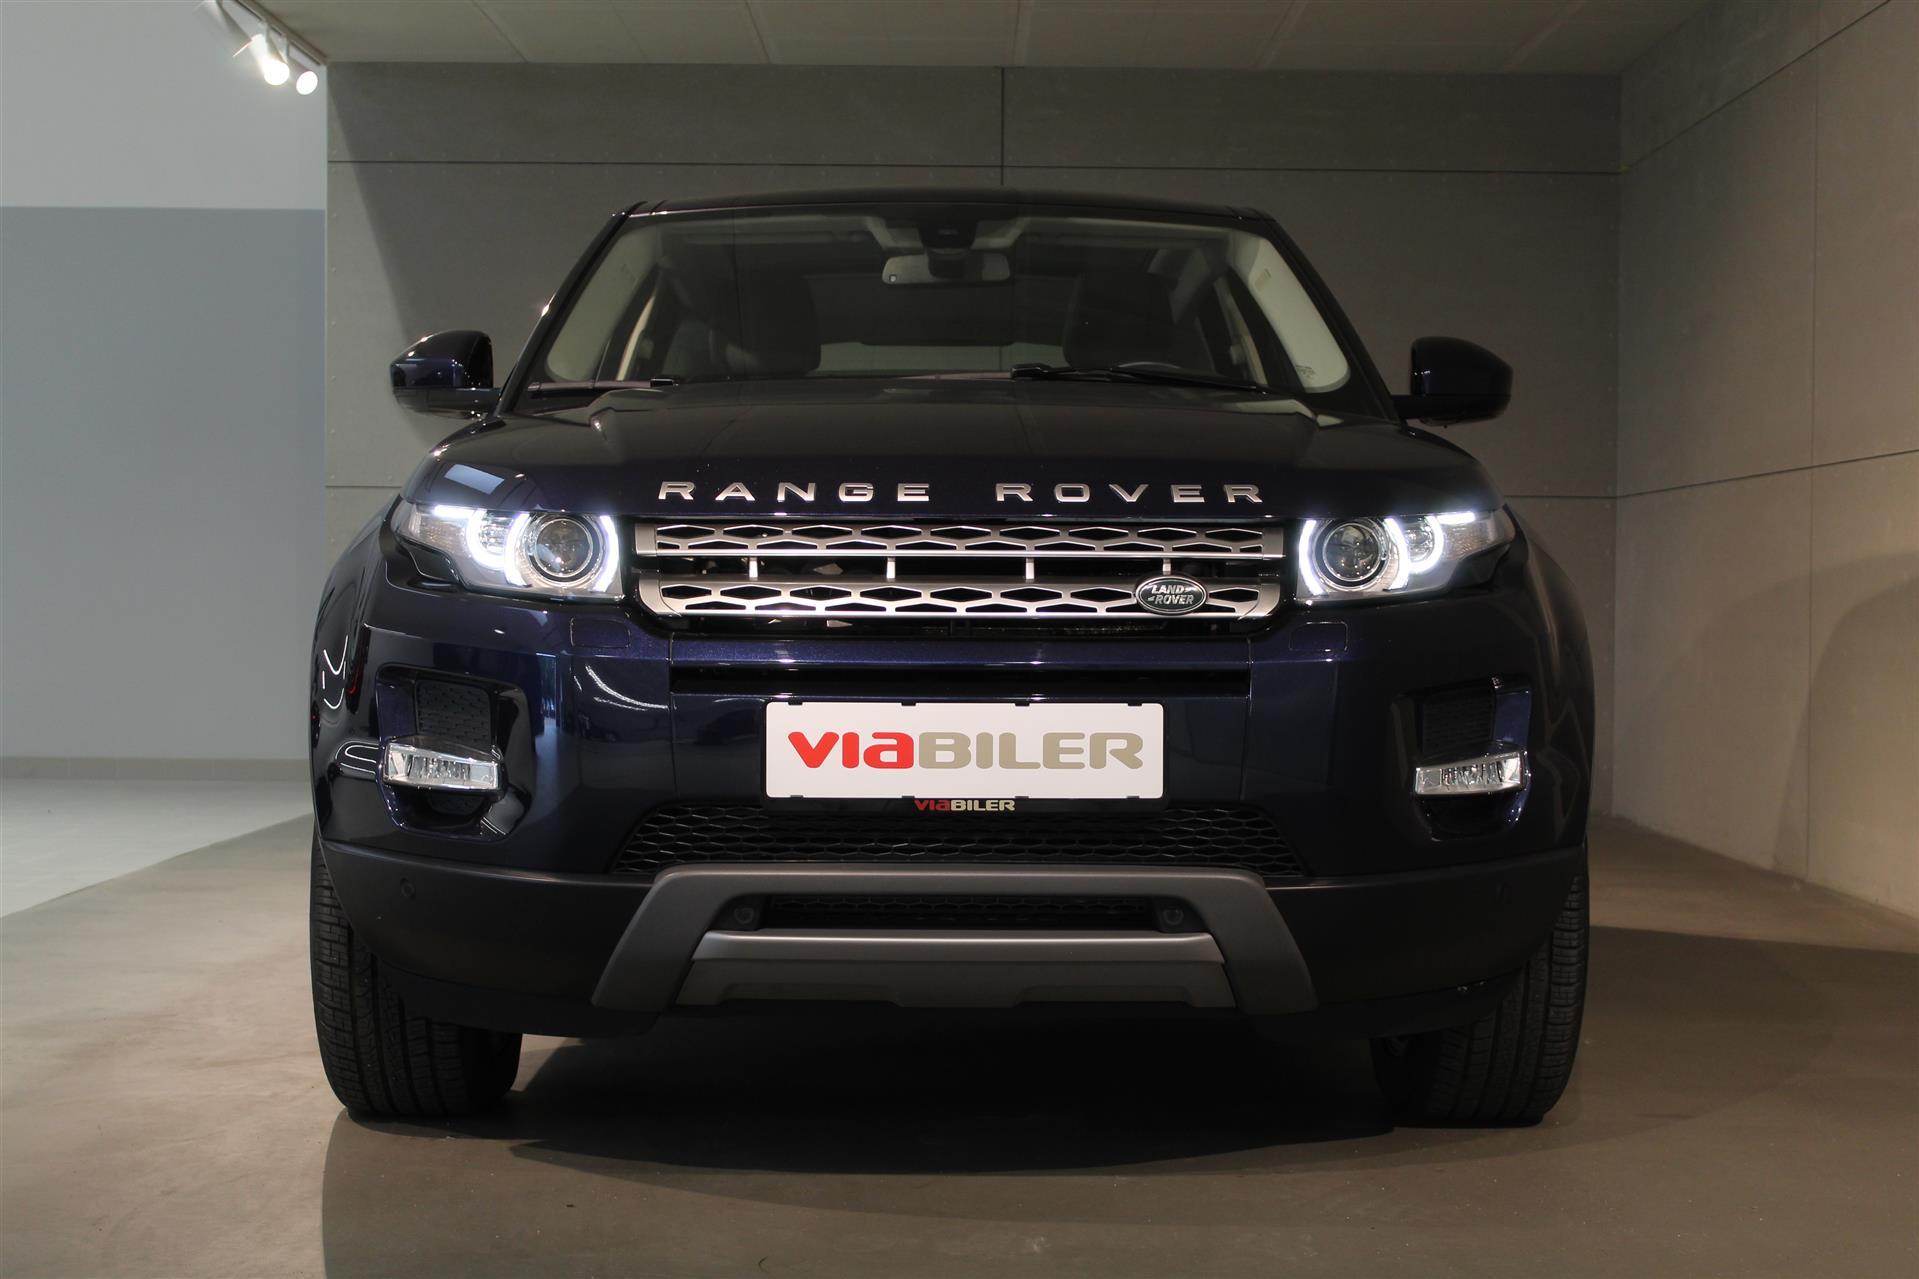 Billede af Land Rover Range Rover Evoque 2,0 TD4 Prestige Aut. 150HK 5d